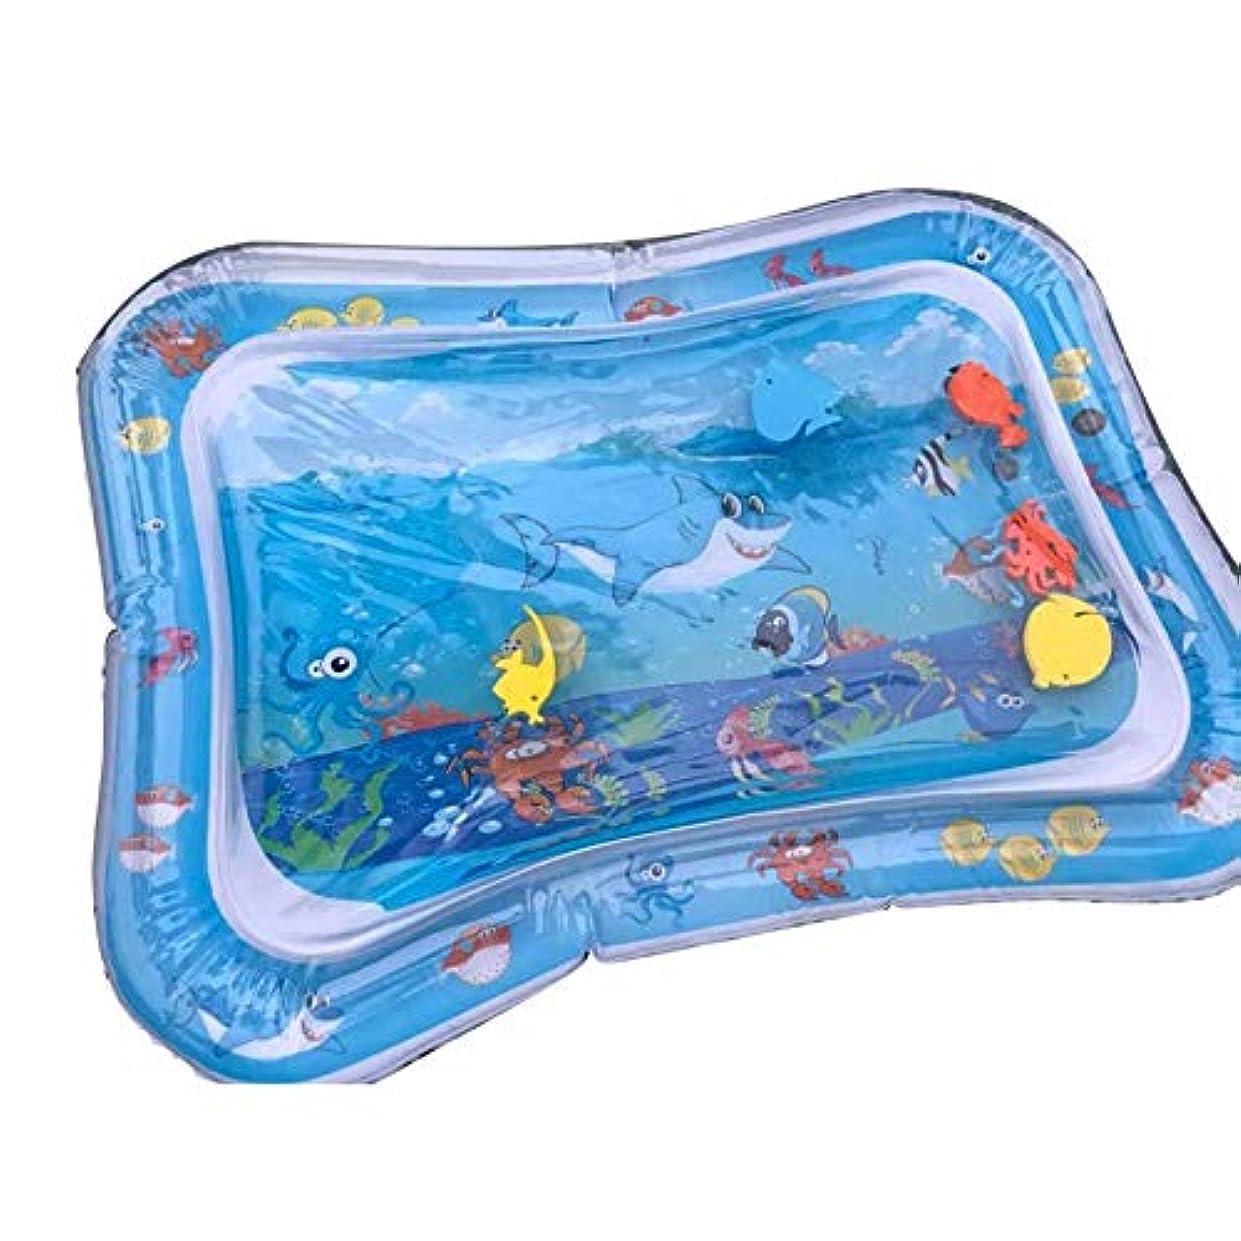 プライバシーもちろん辛なクリエイティブデュアルユース玩具ベビーインフレータブルノックパッドベビーウォーター枕前立腺水枕パットおもちゃSGS認証-ブルー